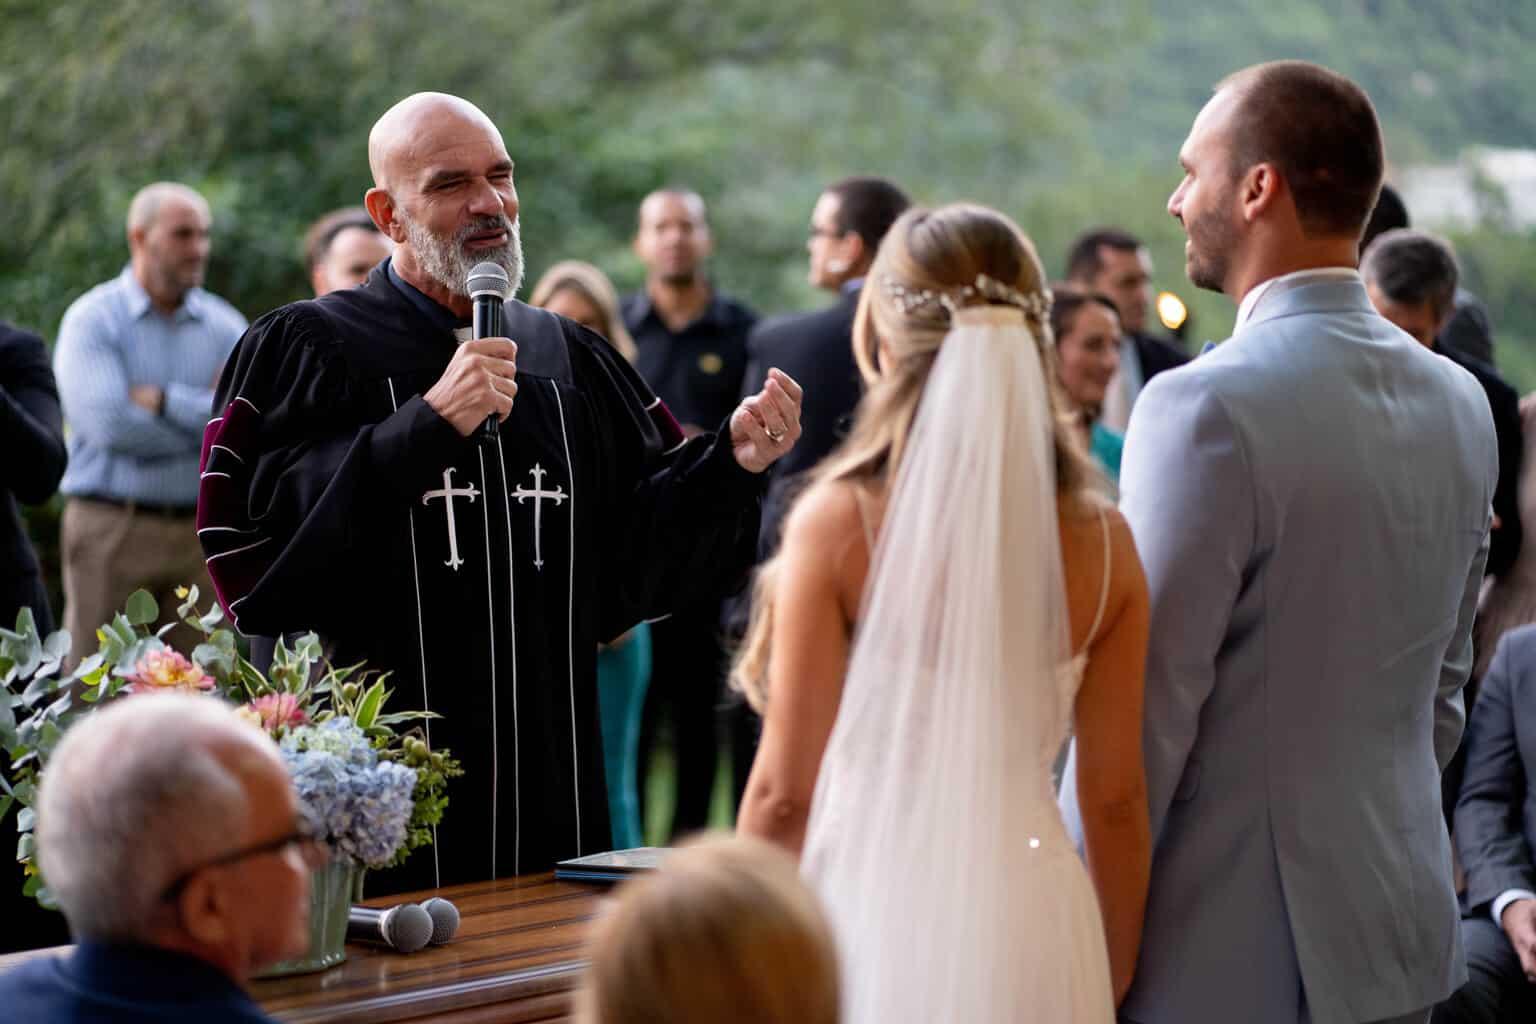 Casamento-Heloisa-e-Eduardo-Bolsonaro-cerimonia-ao-ar-livre-cerimonial-Márcia-Santiago-Fotografia-Davi-Nascimento16